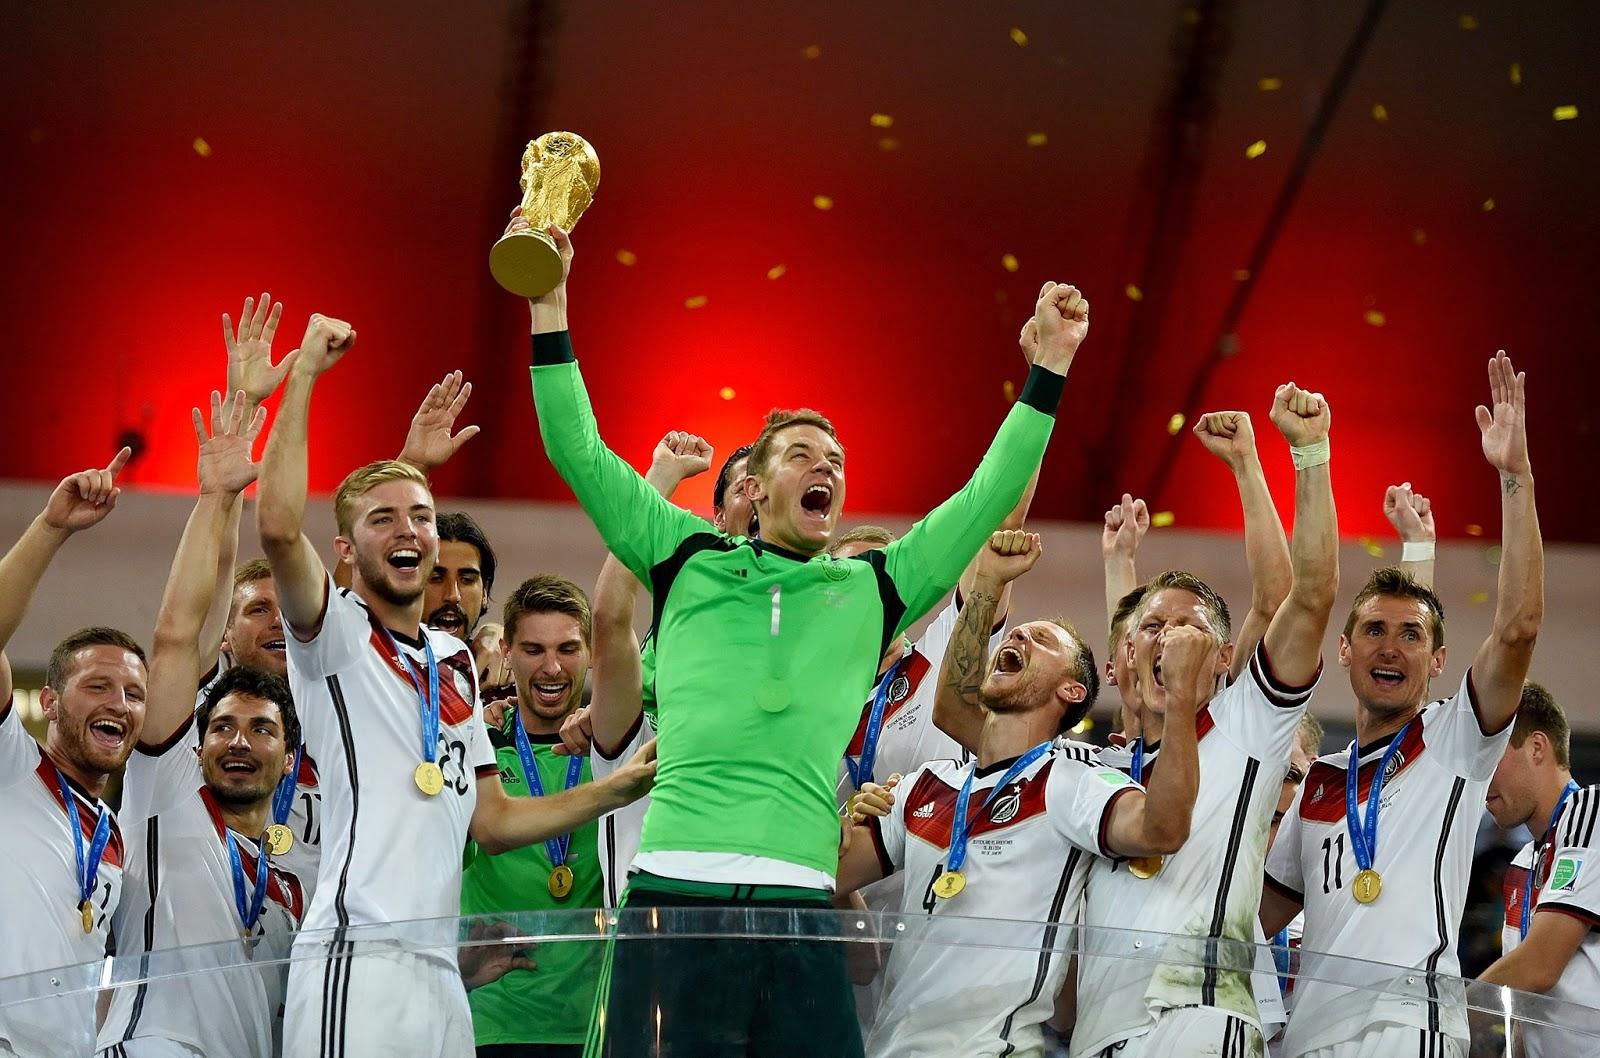 Németország, brazil foci-vb, brazíliai futball-világbajnokság, Nationalelf, labdarúgás, Mario Götze,